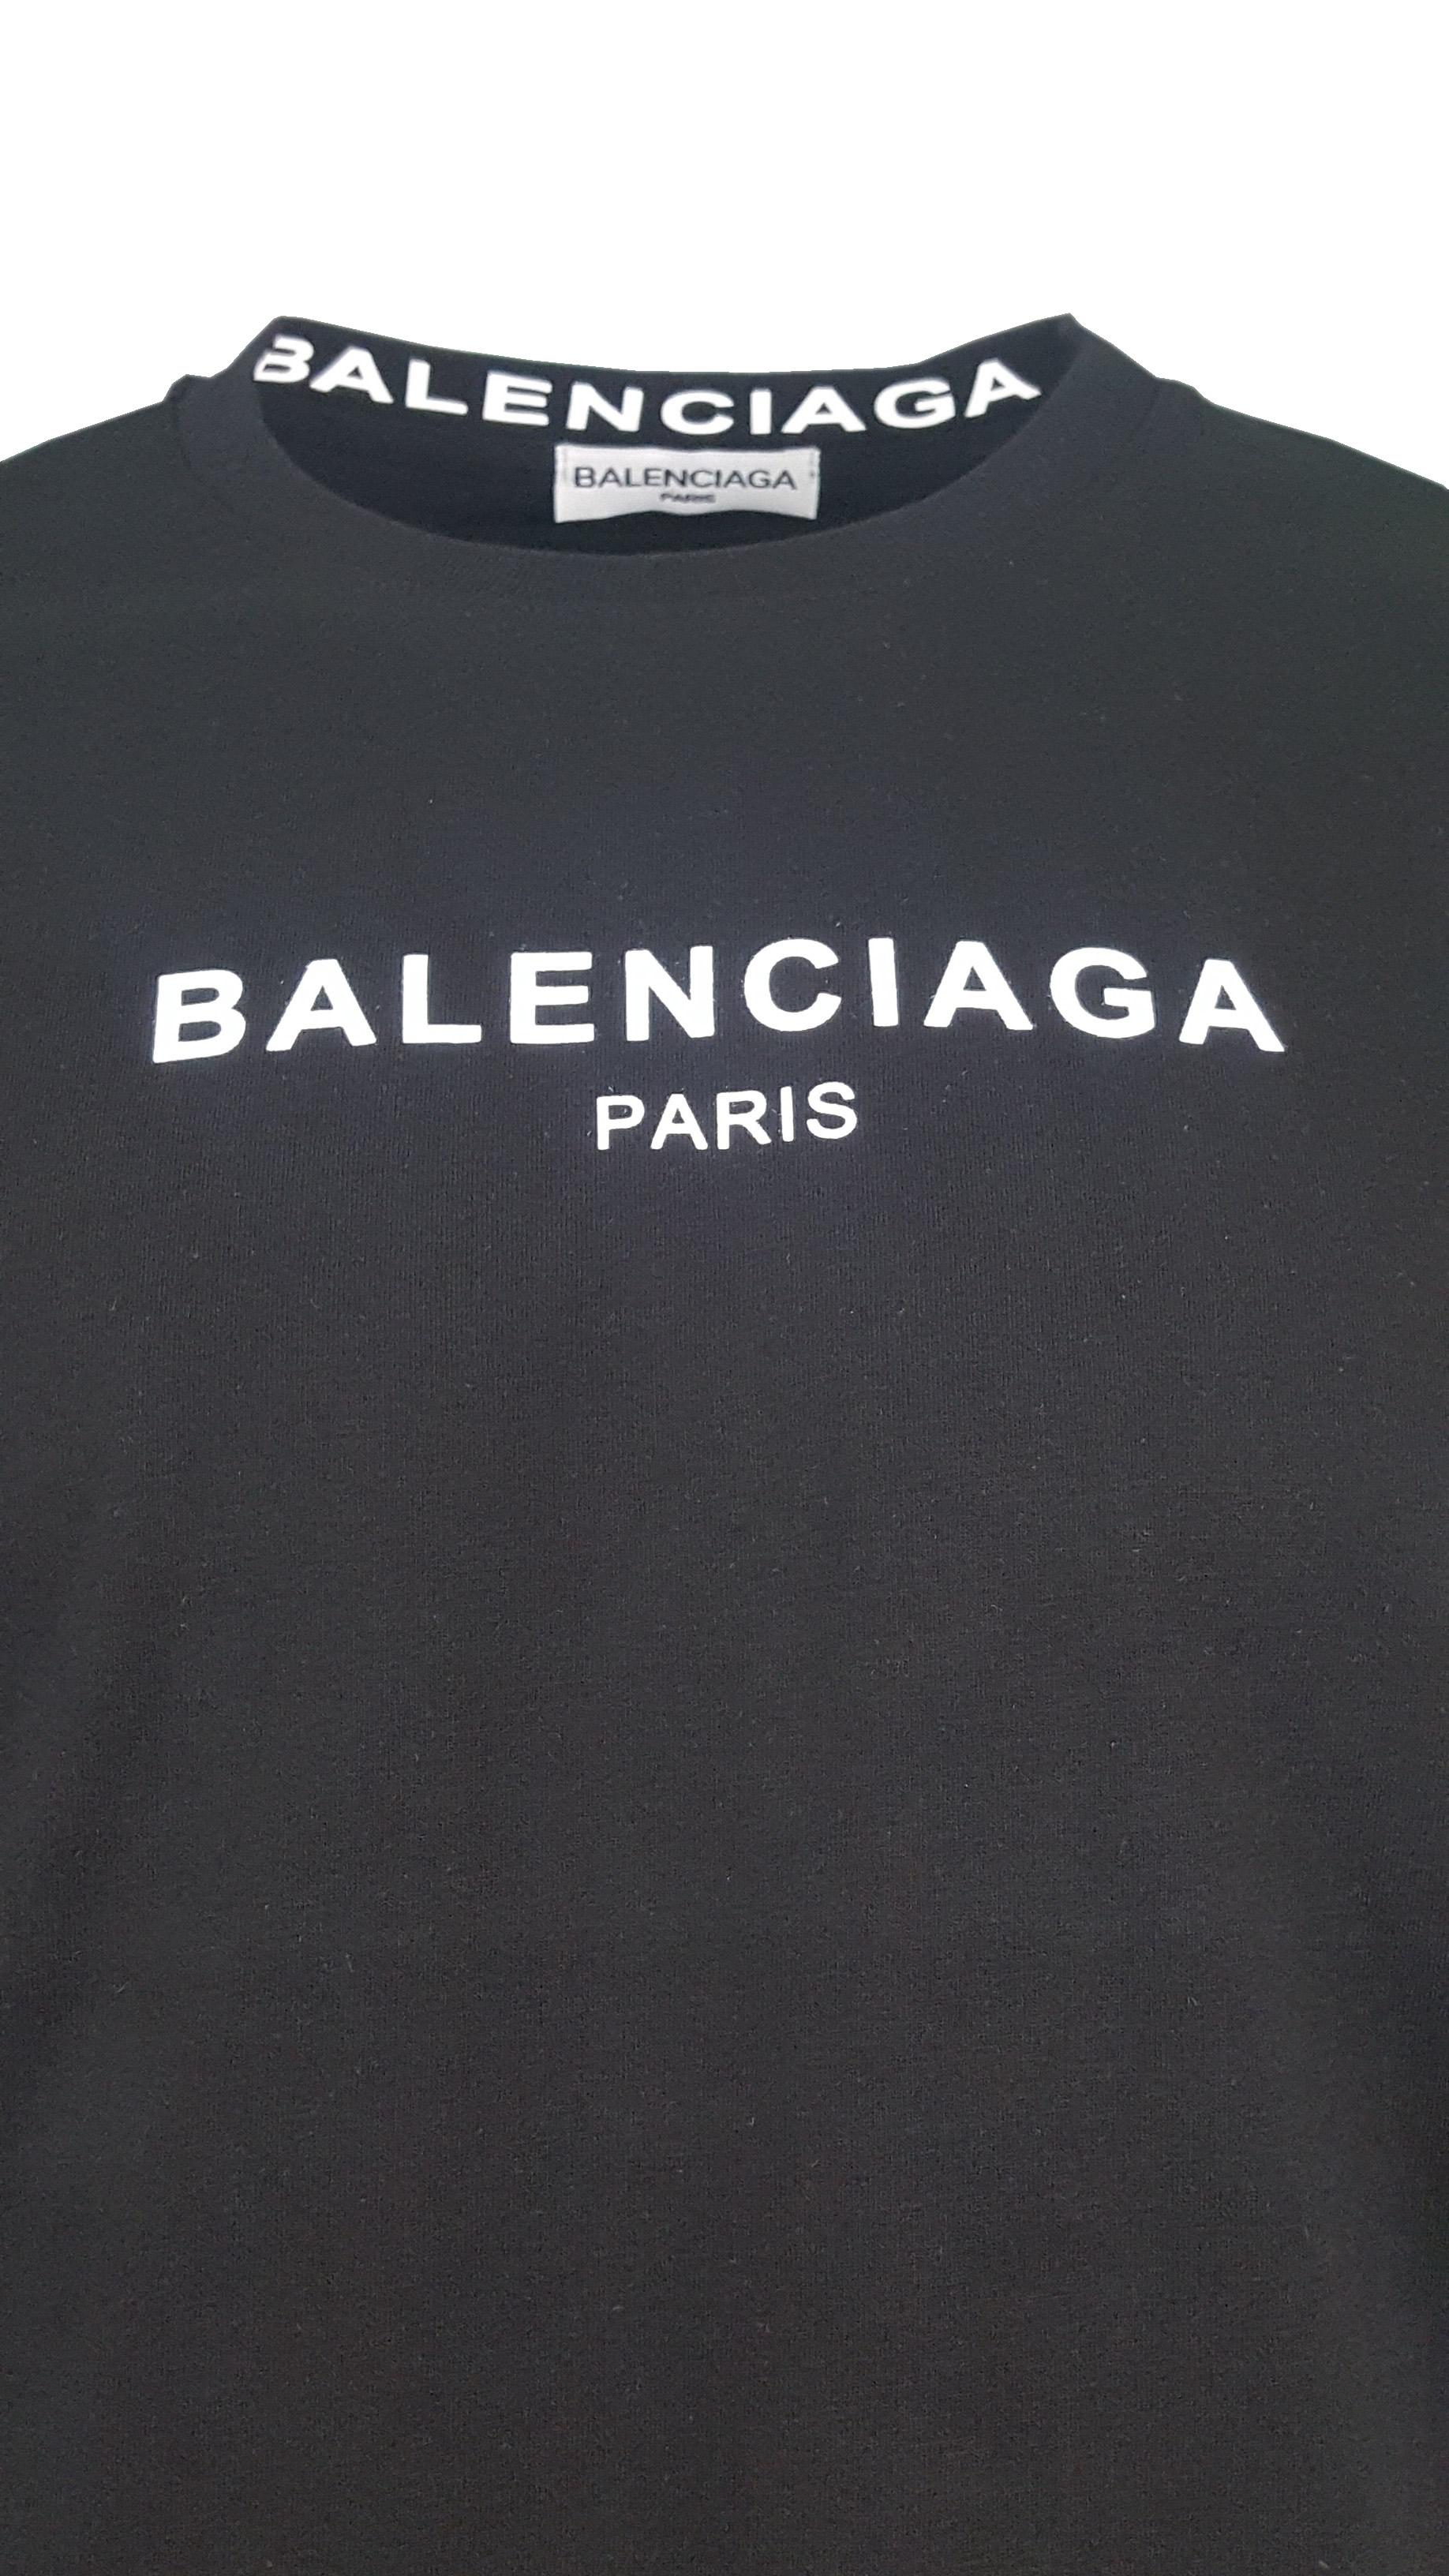 14fc5220 Balenciaga Short Sleeve Crew T Shirt. Paris Chest Print in Black ...